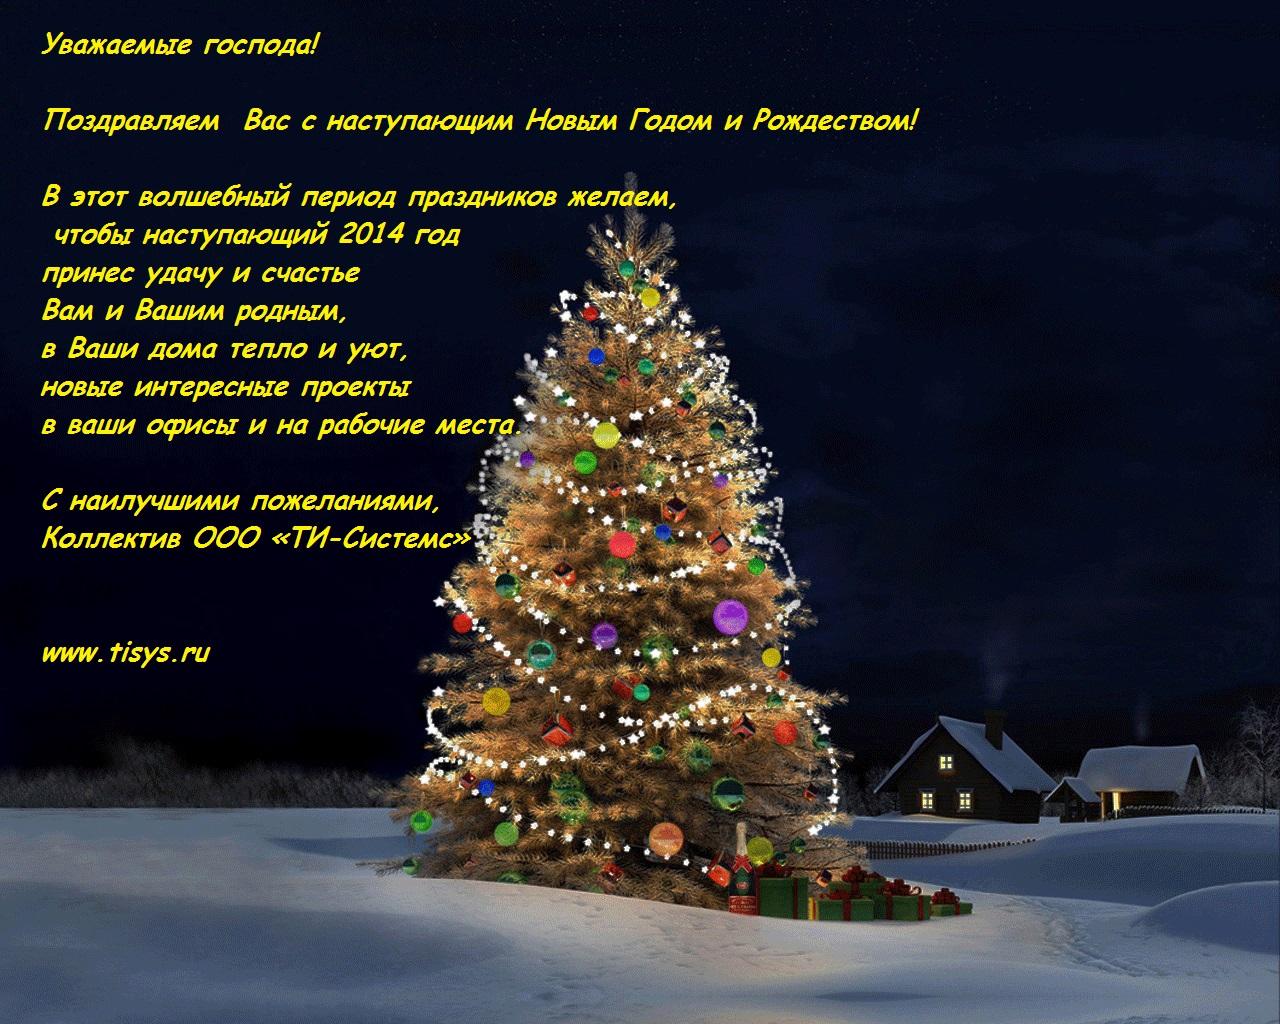 медаль, поздравления с наступающими с новым годом и рождеством примечательны плюшевой шерстью